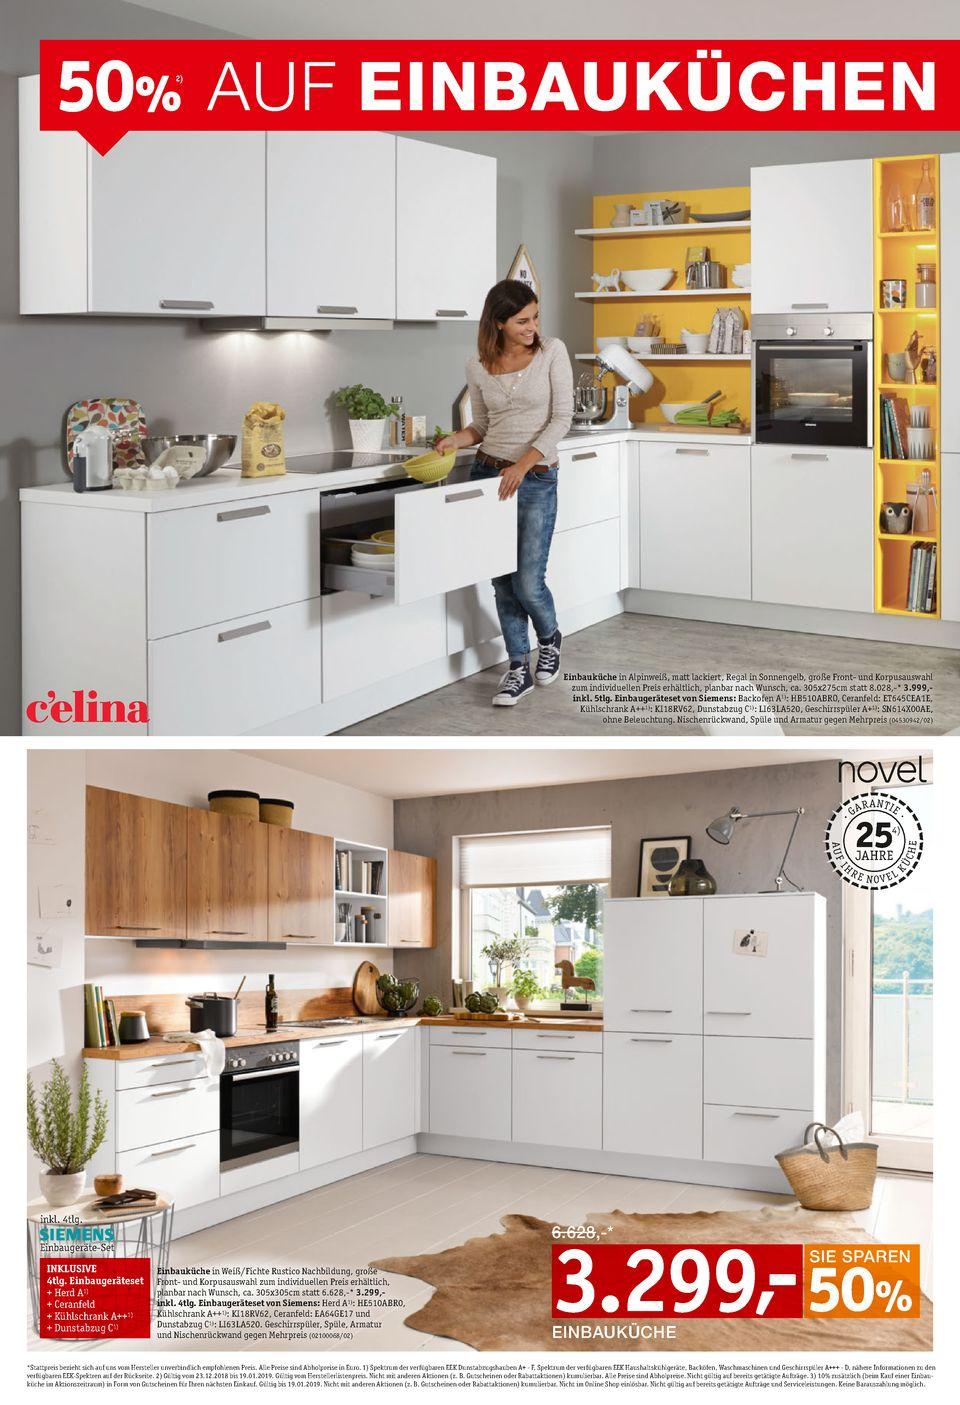 Full Size of Respekta Küche Küchenzeile Küchenblock Einbauküche Komplettküche Weiß 320 Cm Roller Komplettküche Einbauküche Ohne Kühlschrank Einbauküche Ohne Kühlschrank Kaufen Küche Einbauküche Ohne Kühlschrank